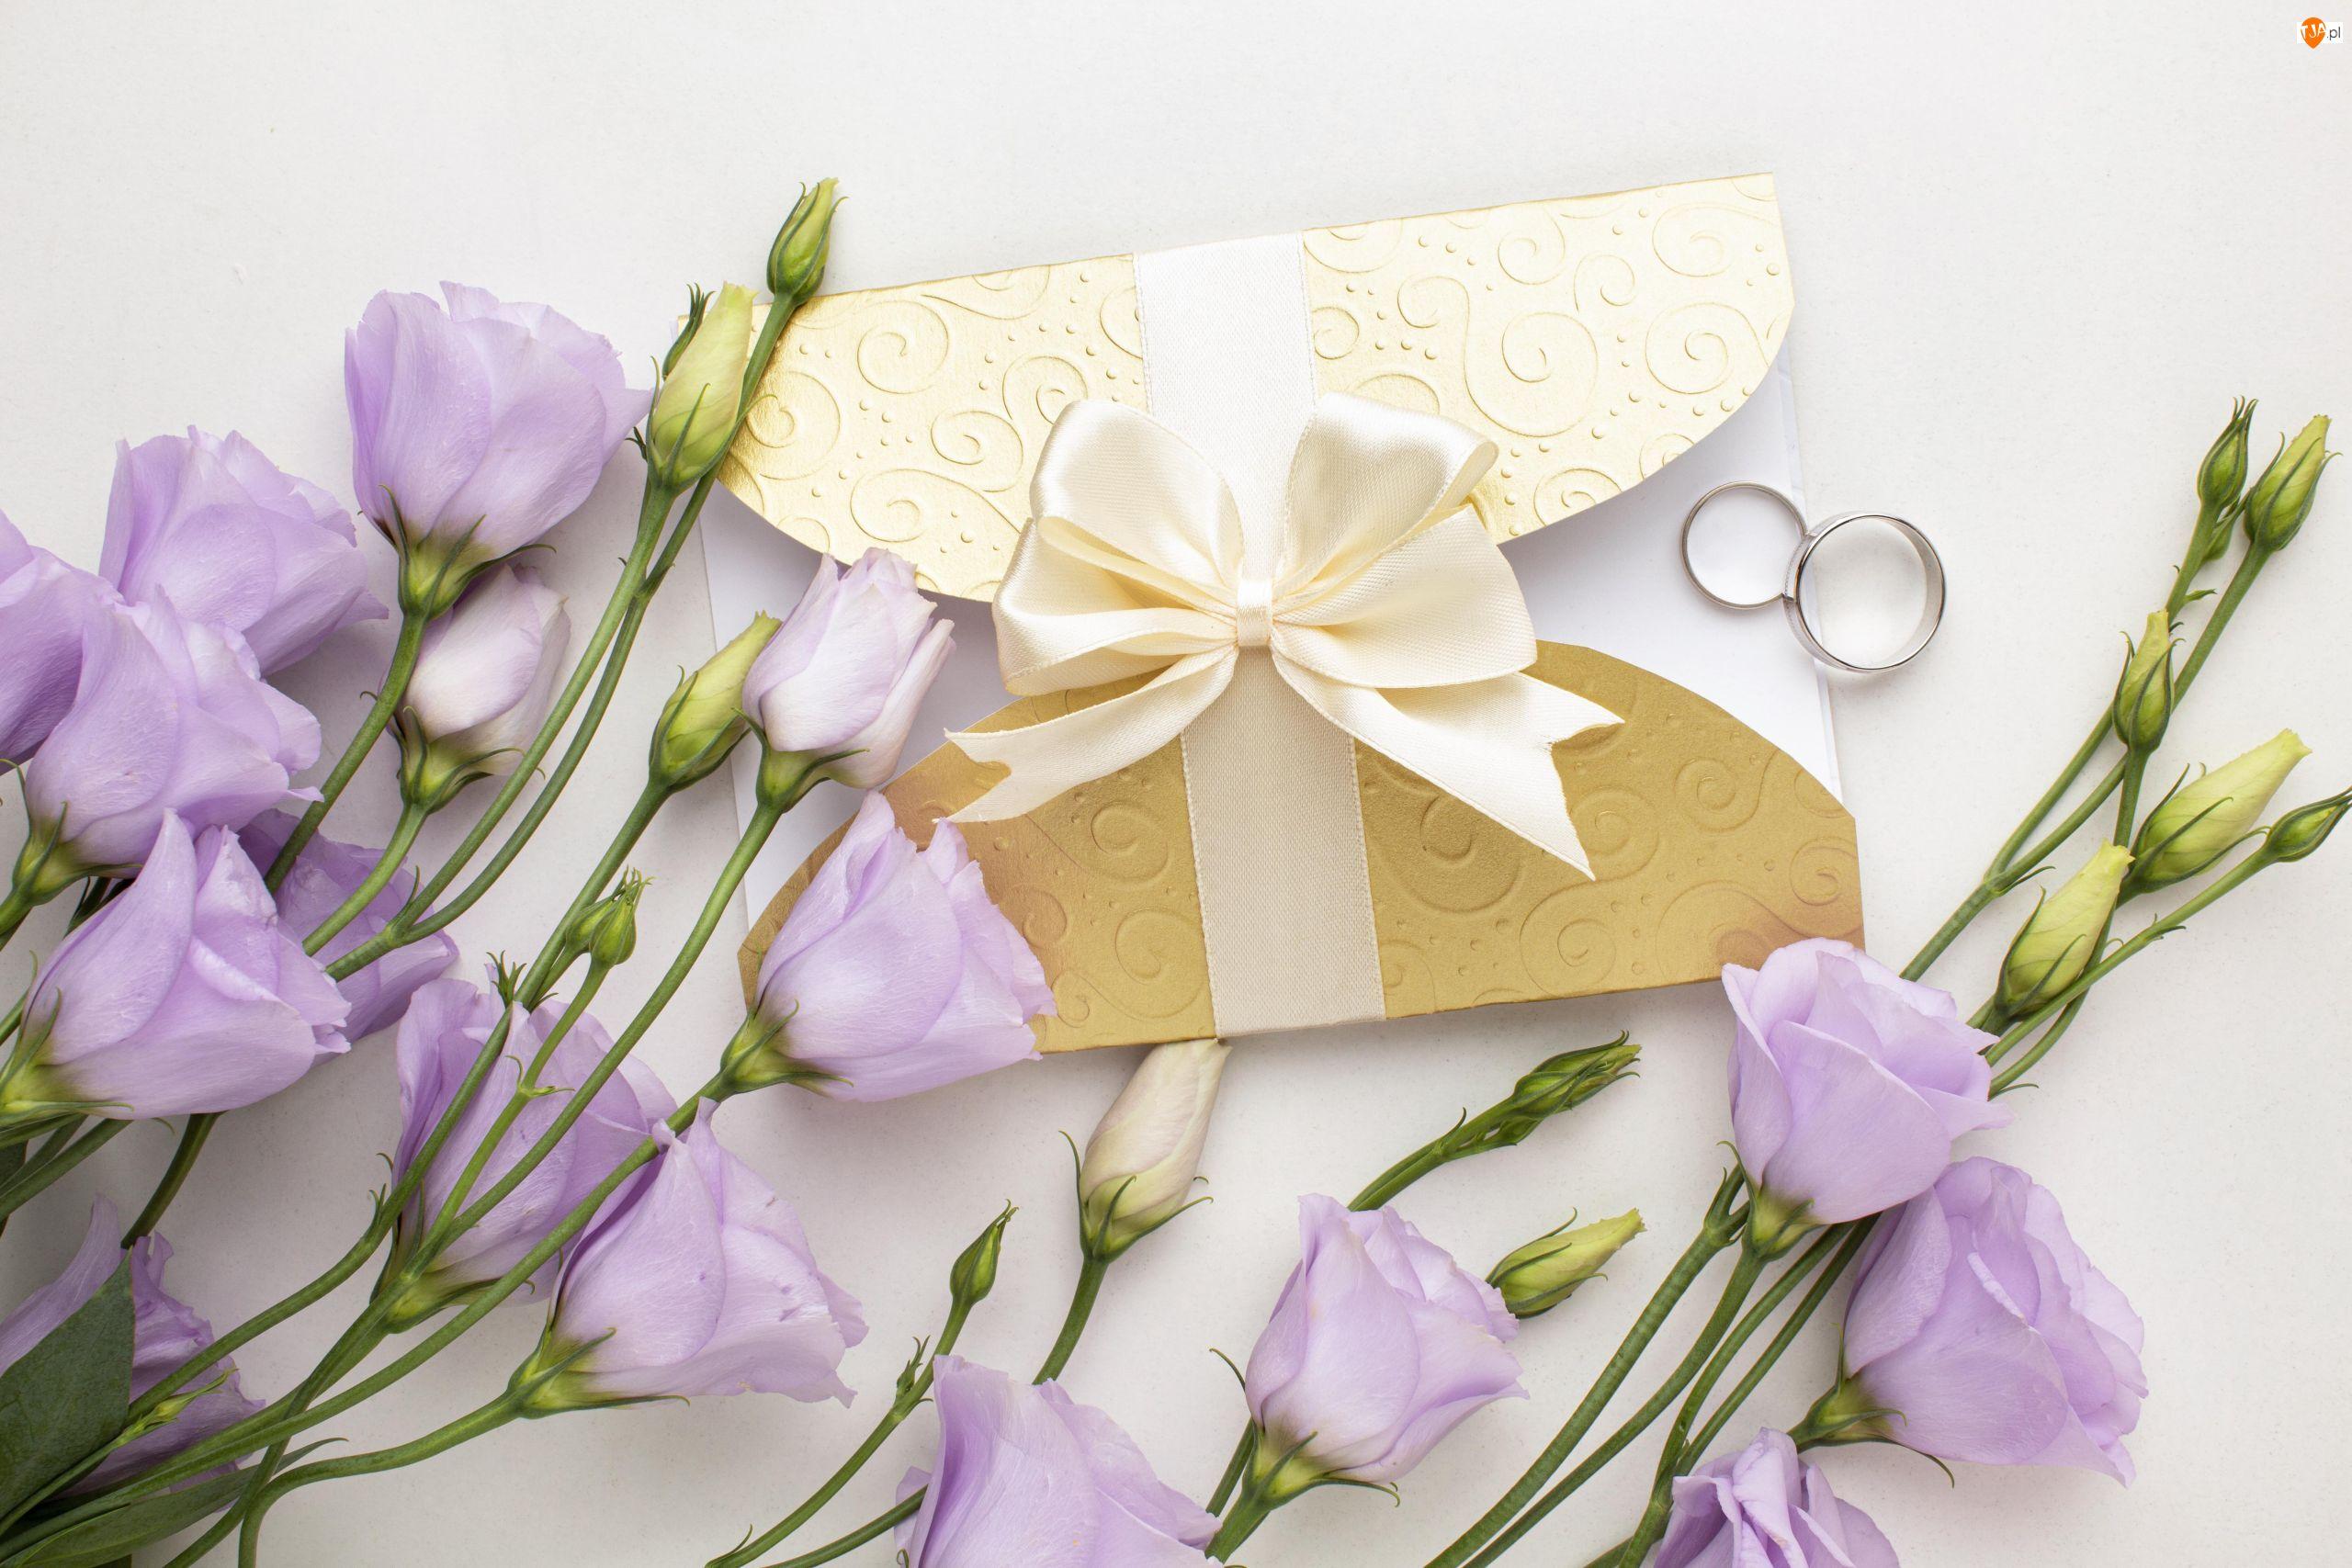 Zaproszenie, Ślubne, Kwiaty, Eustomy, Obrączki, Fioletowe